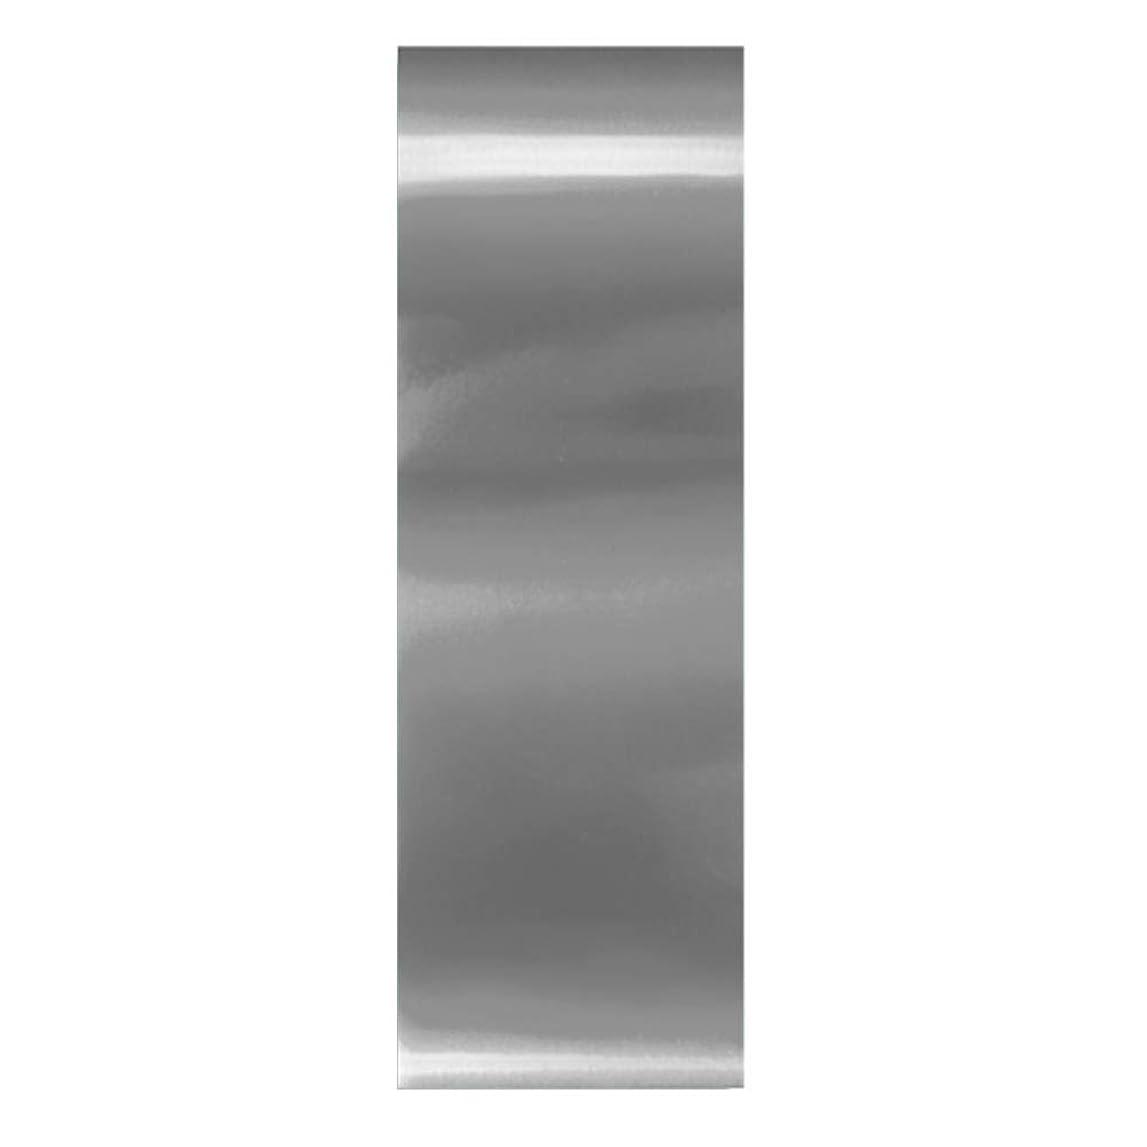 夜明けに麻酔薬肺炎Moyra スタンピングアート マジックホイル シルバー